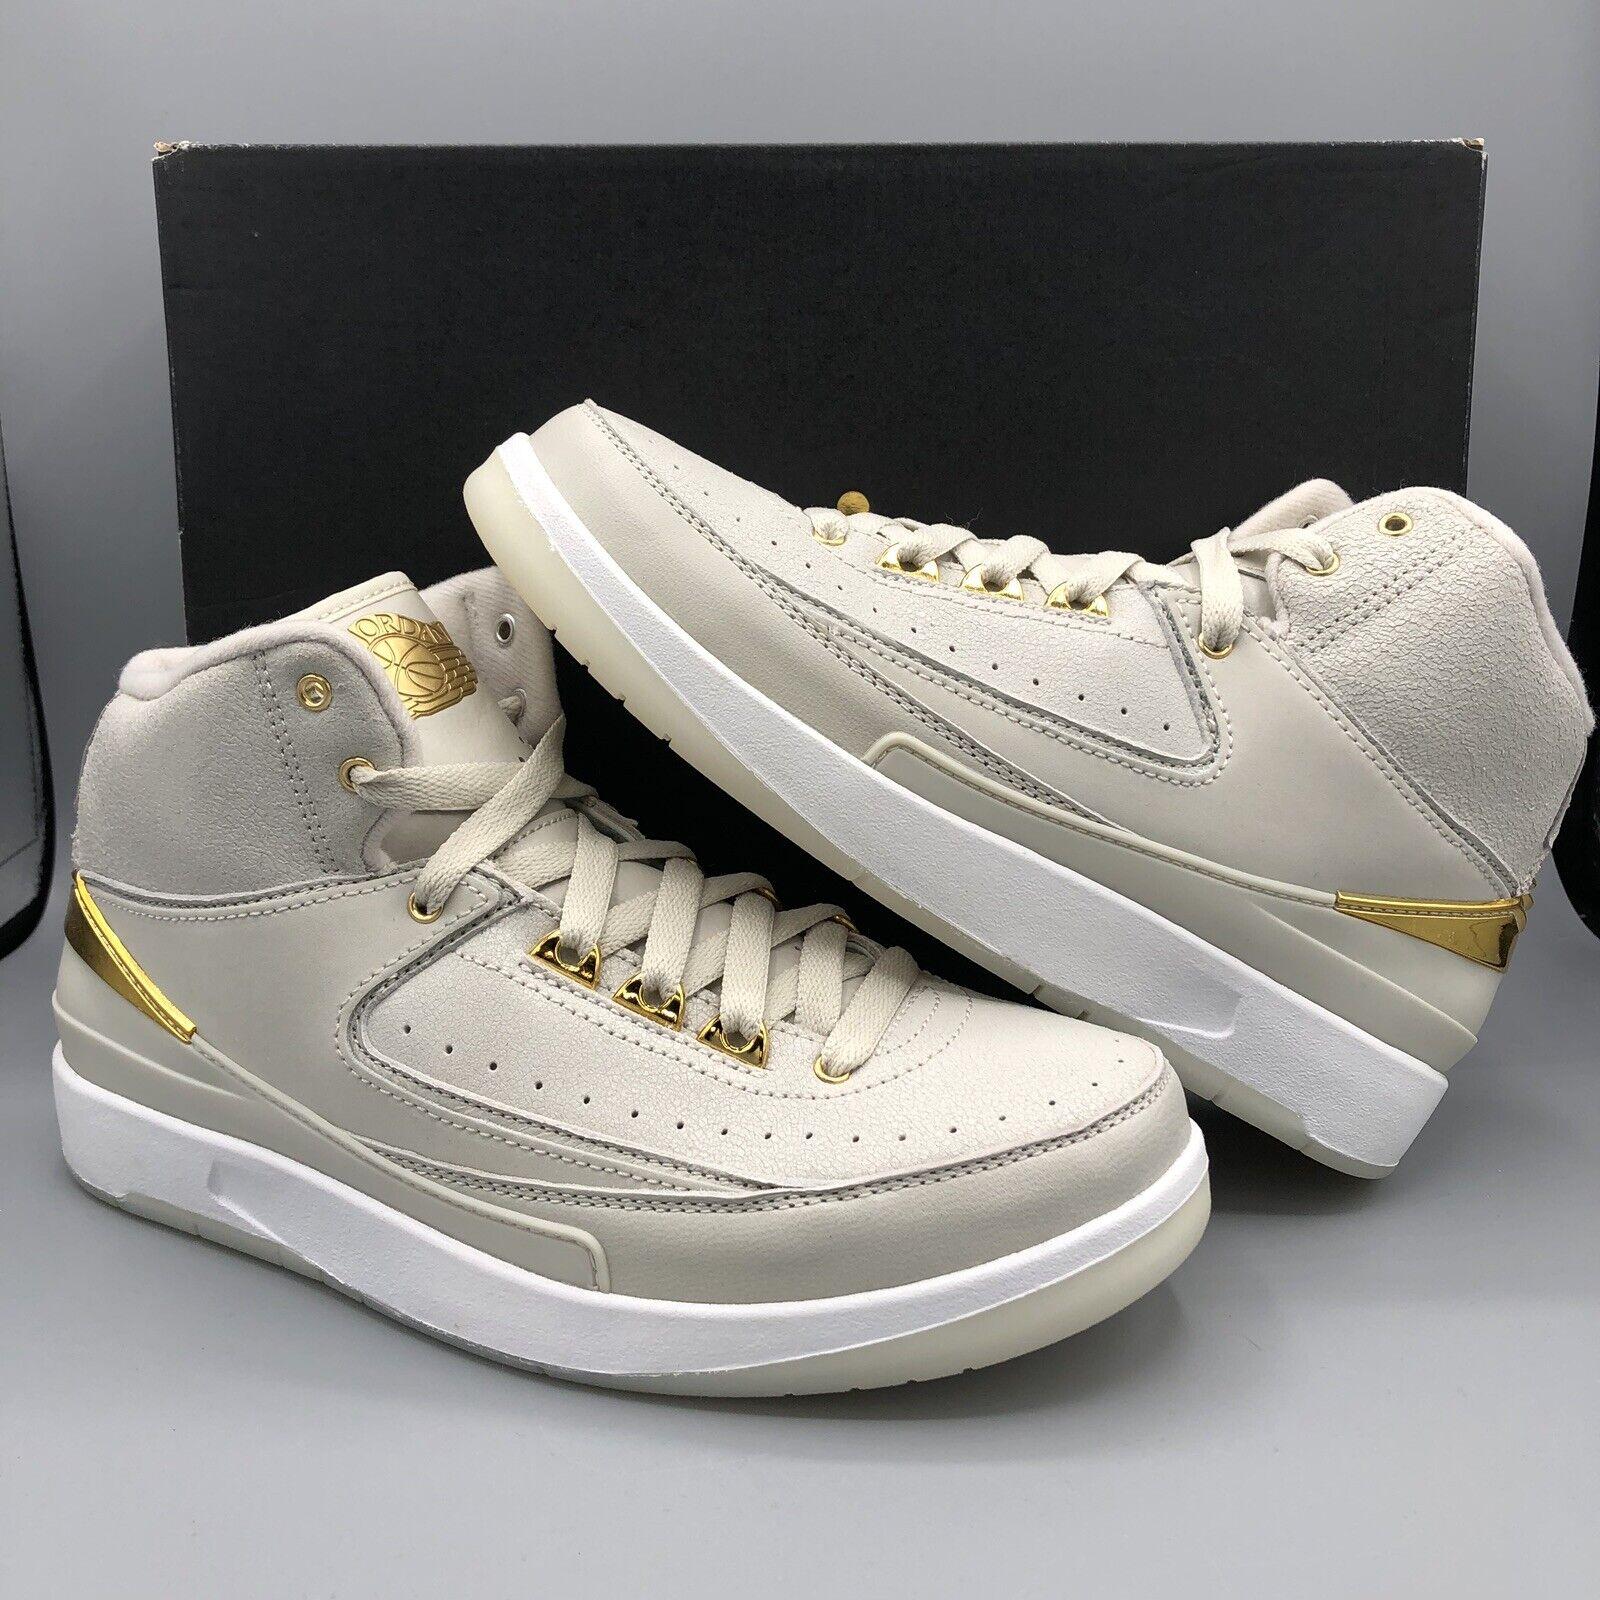 Nike Air Jordan Retro II BG Quai 54 SZ 5.5y 866034 001 gold Off White DB III I V